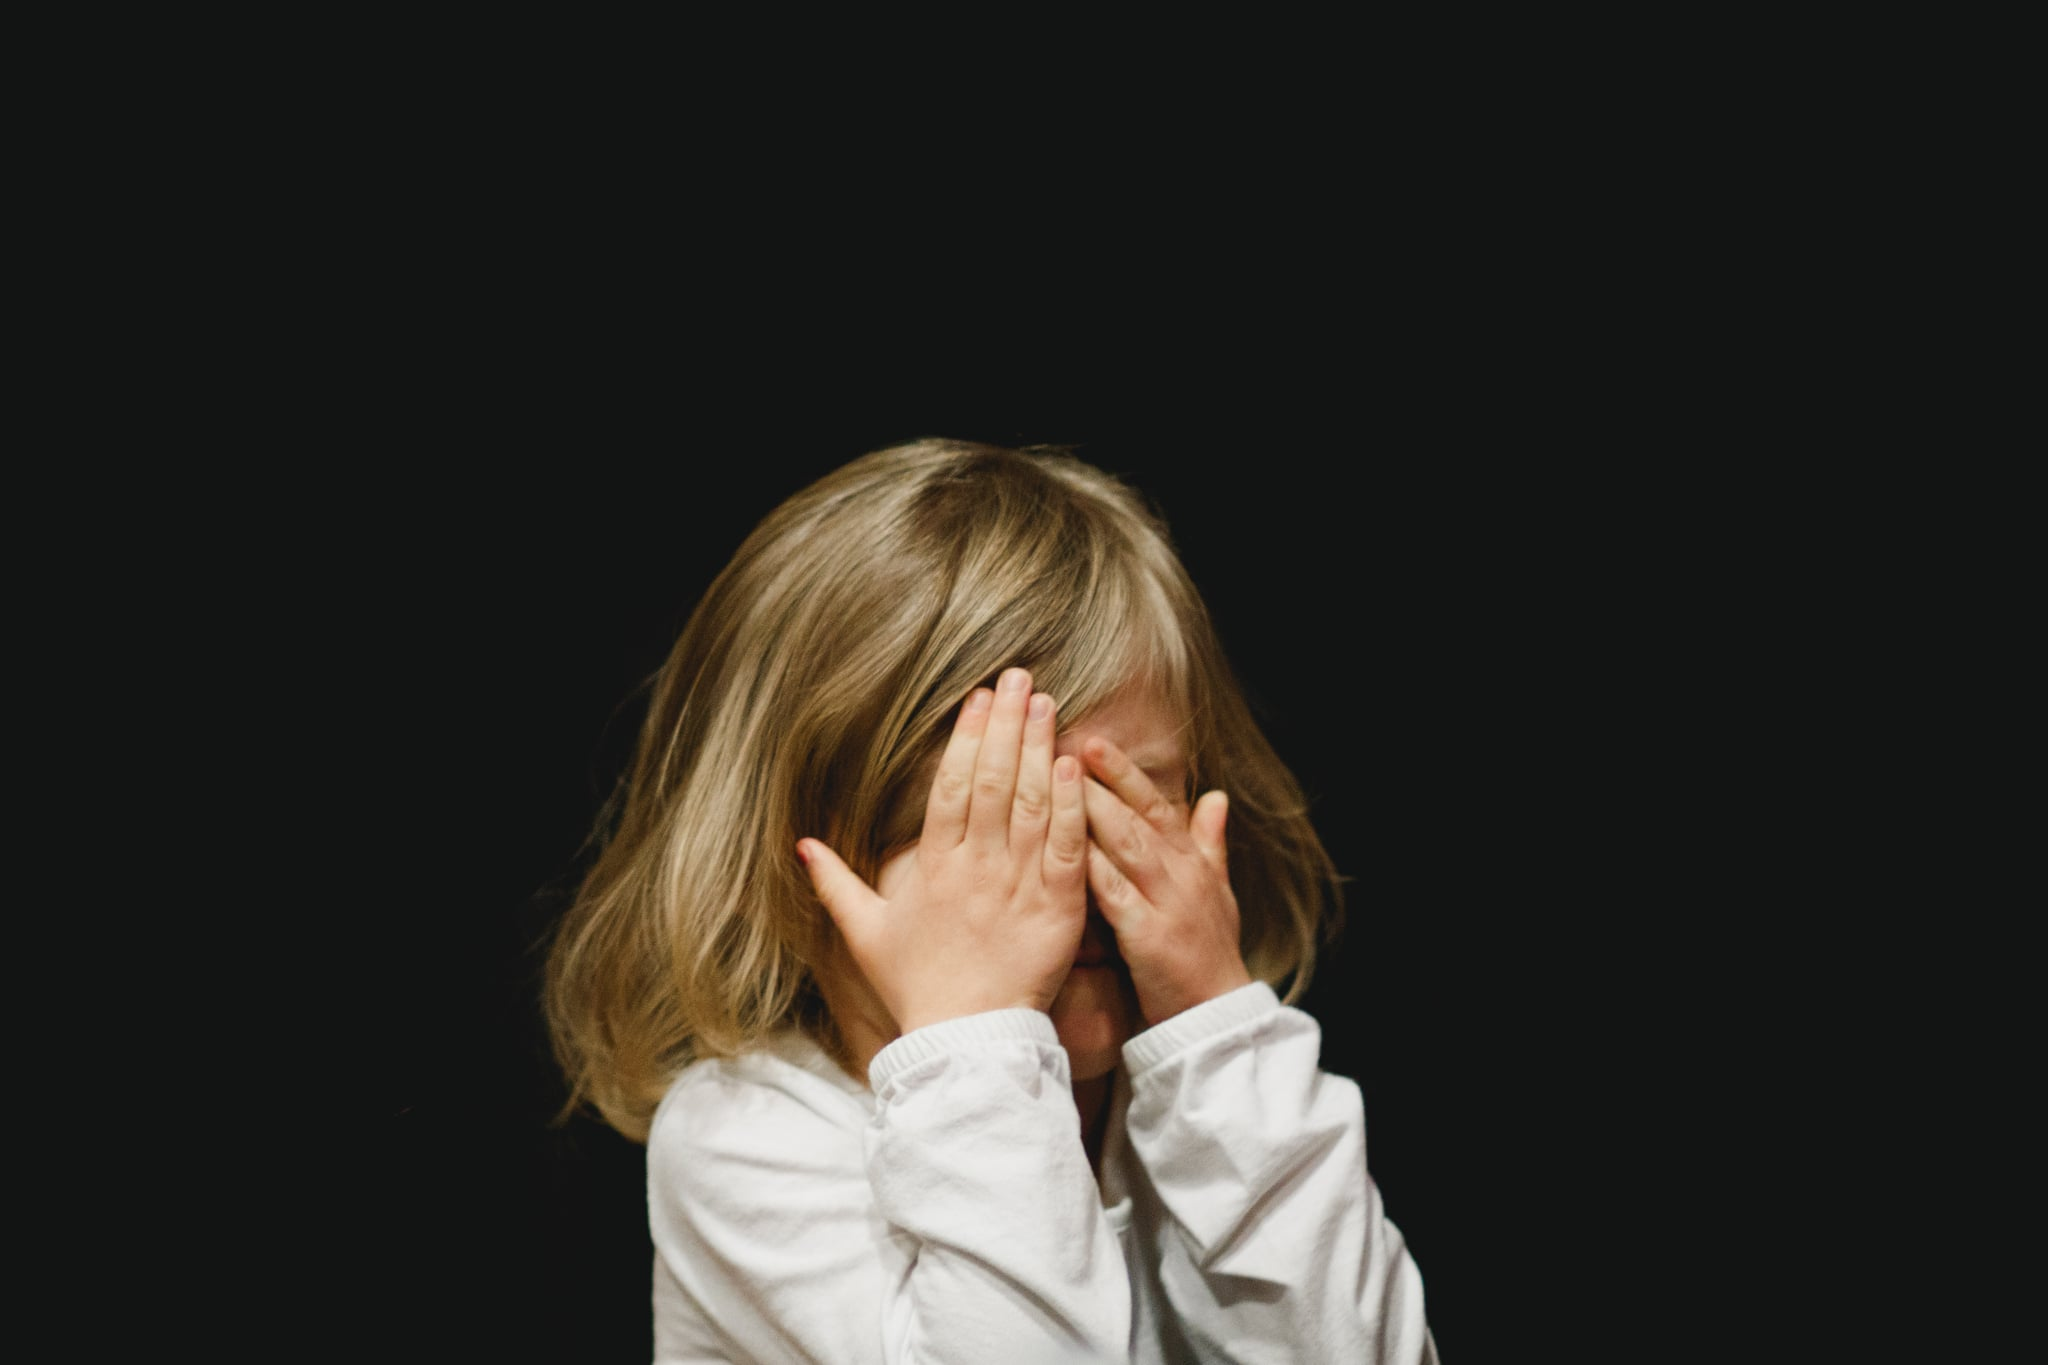 Rules of Disciplining Kids | POPSUGAR Family